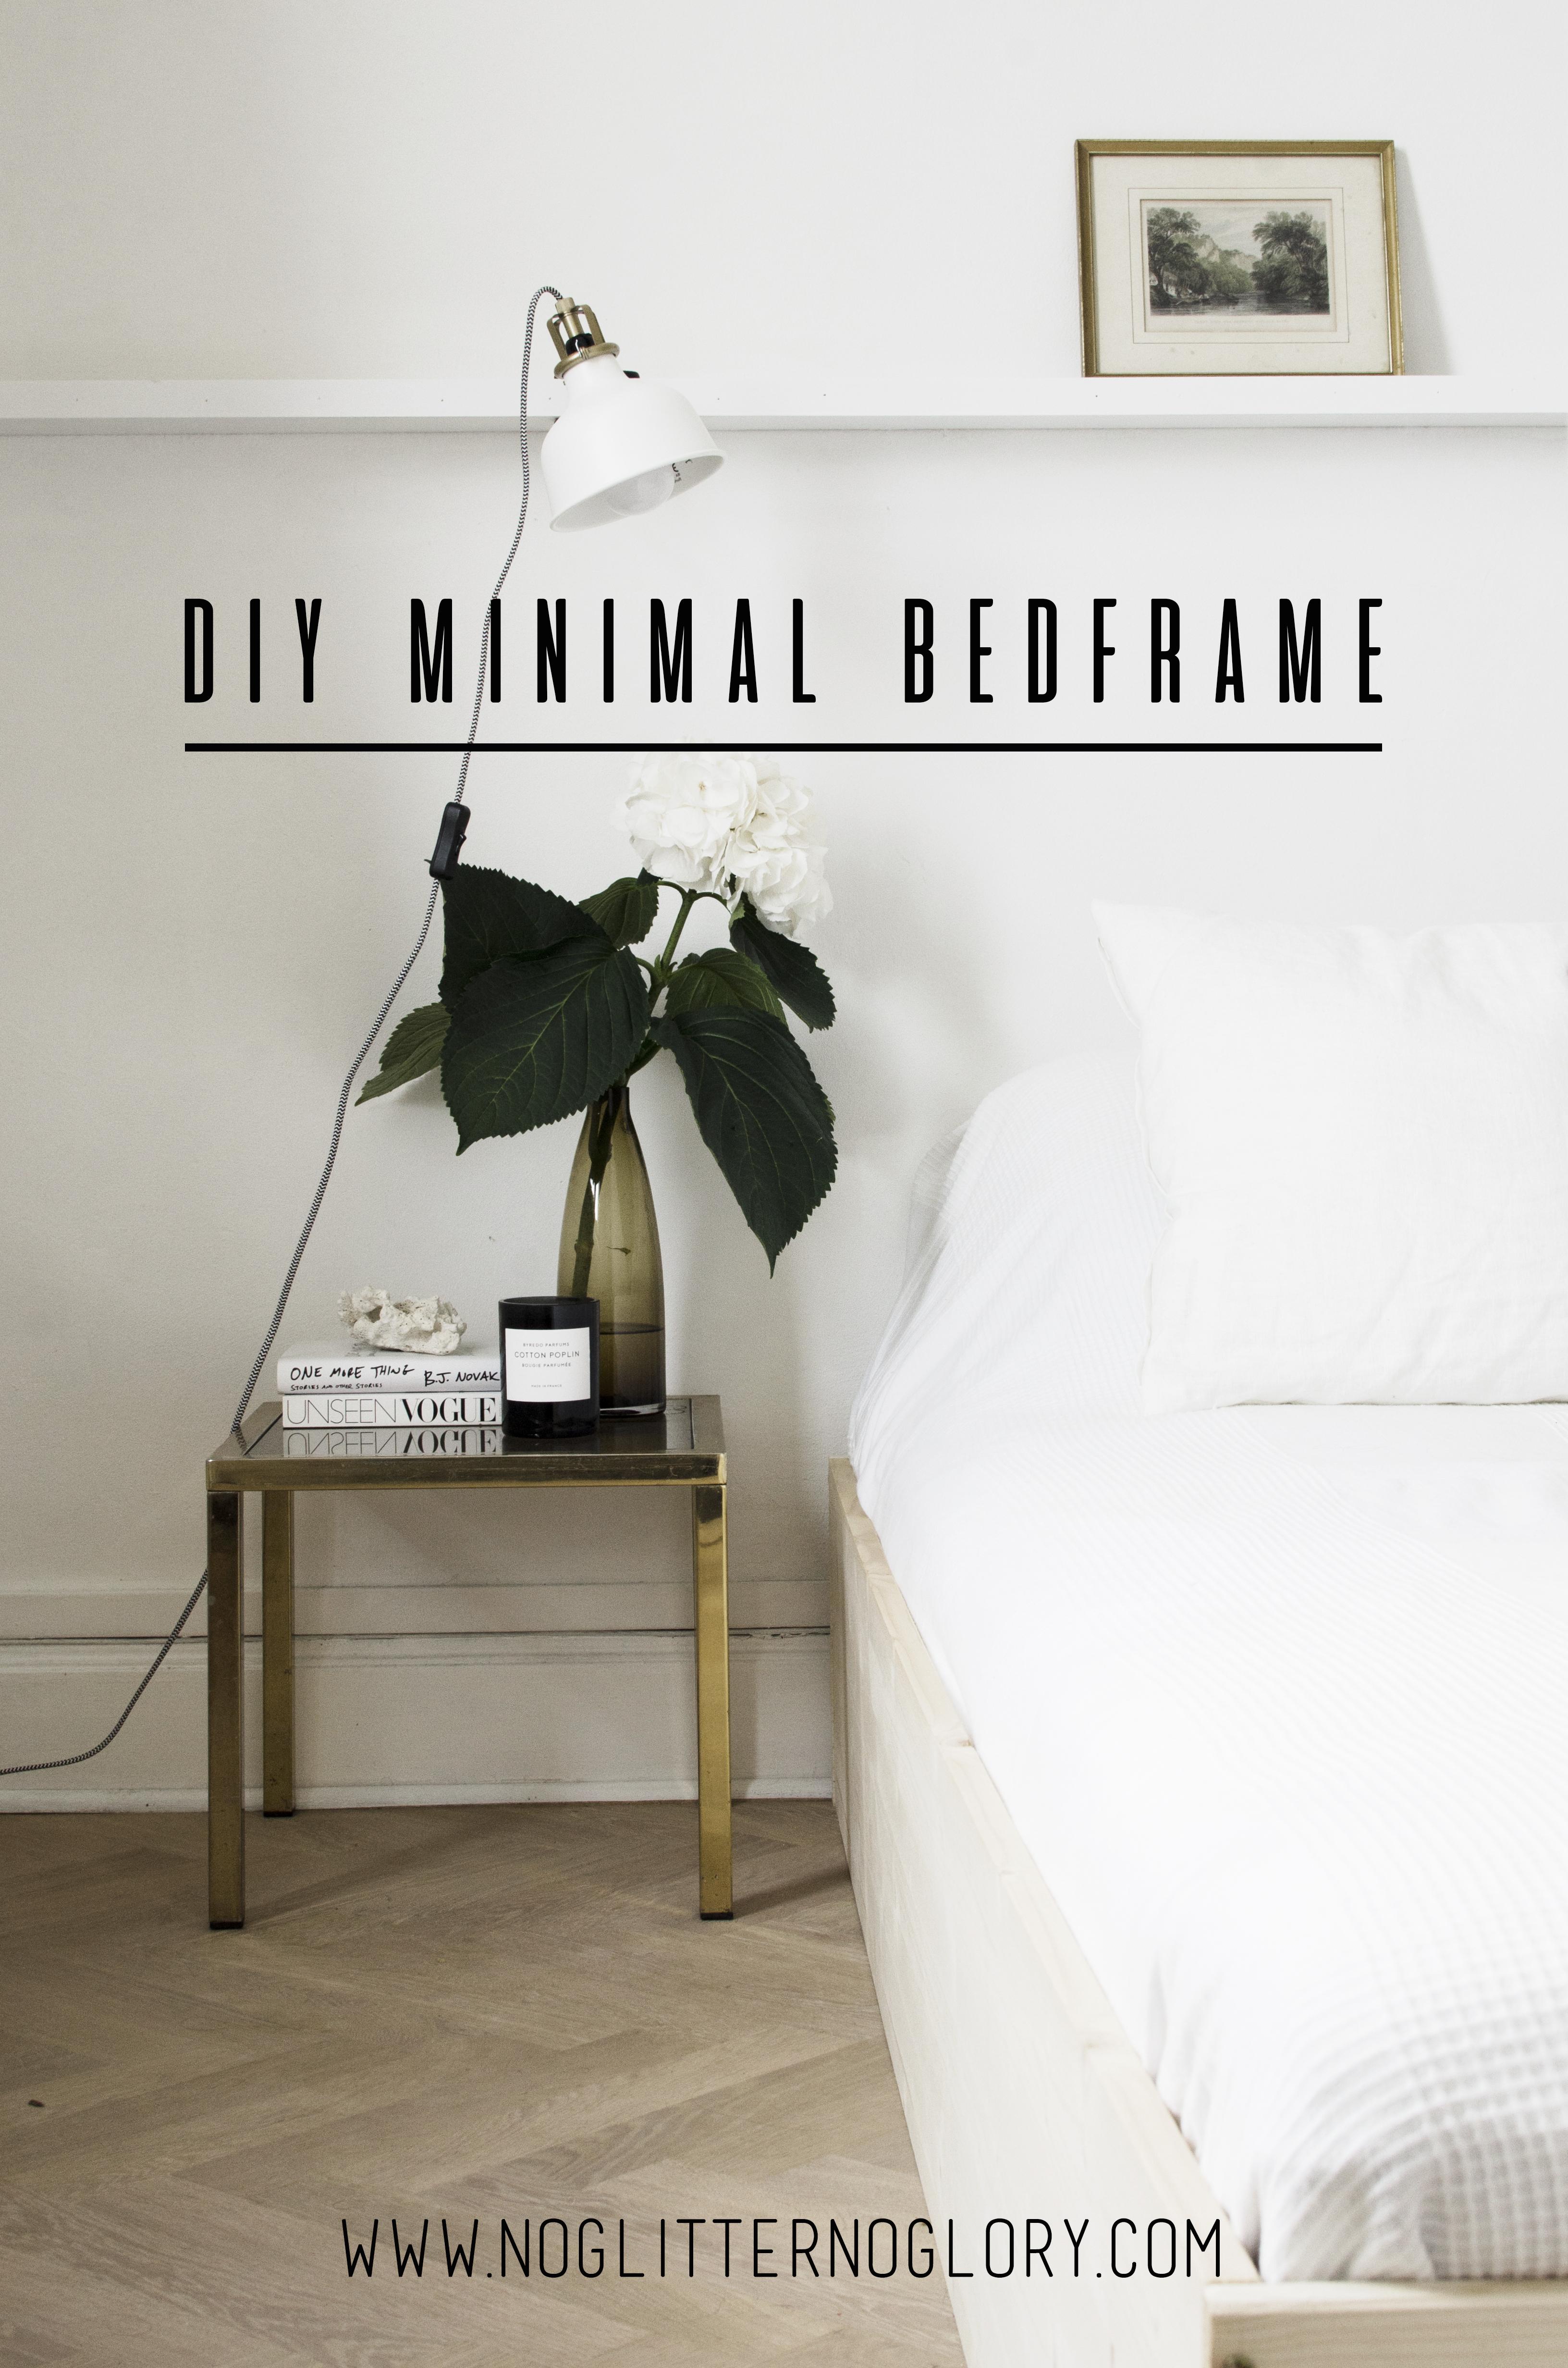 diy minimal bedframe. Black Bedroom Furniture Sets. Home Design Ideas